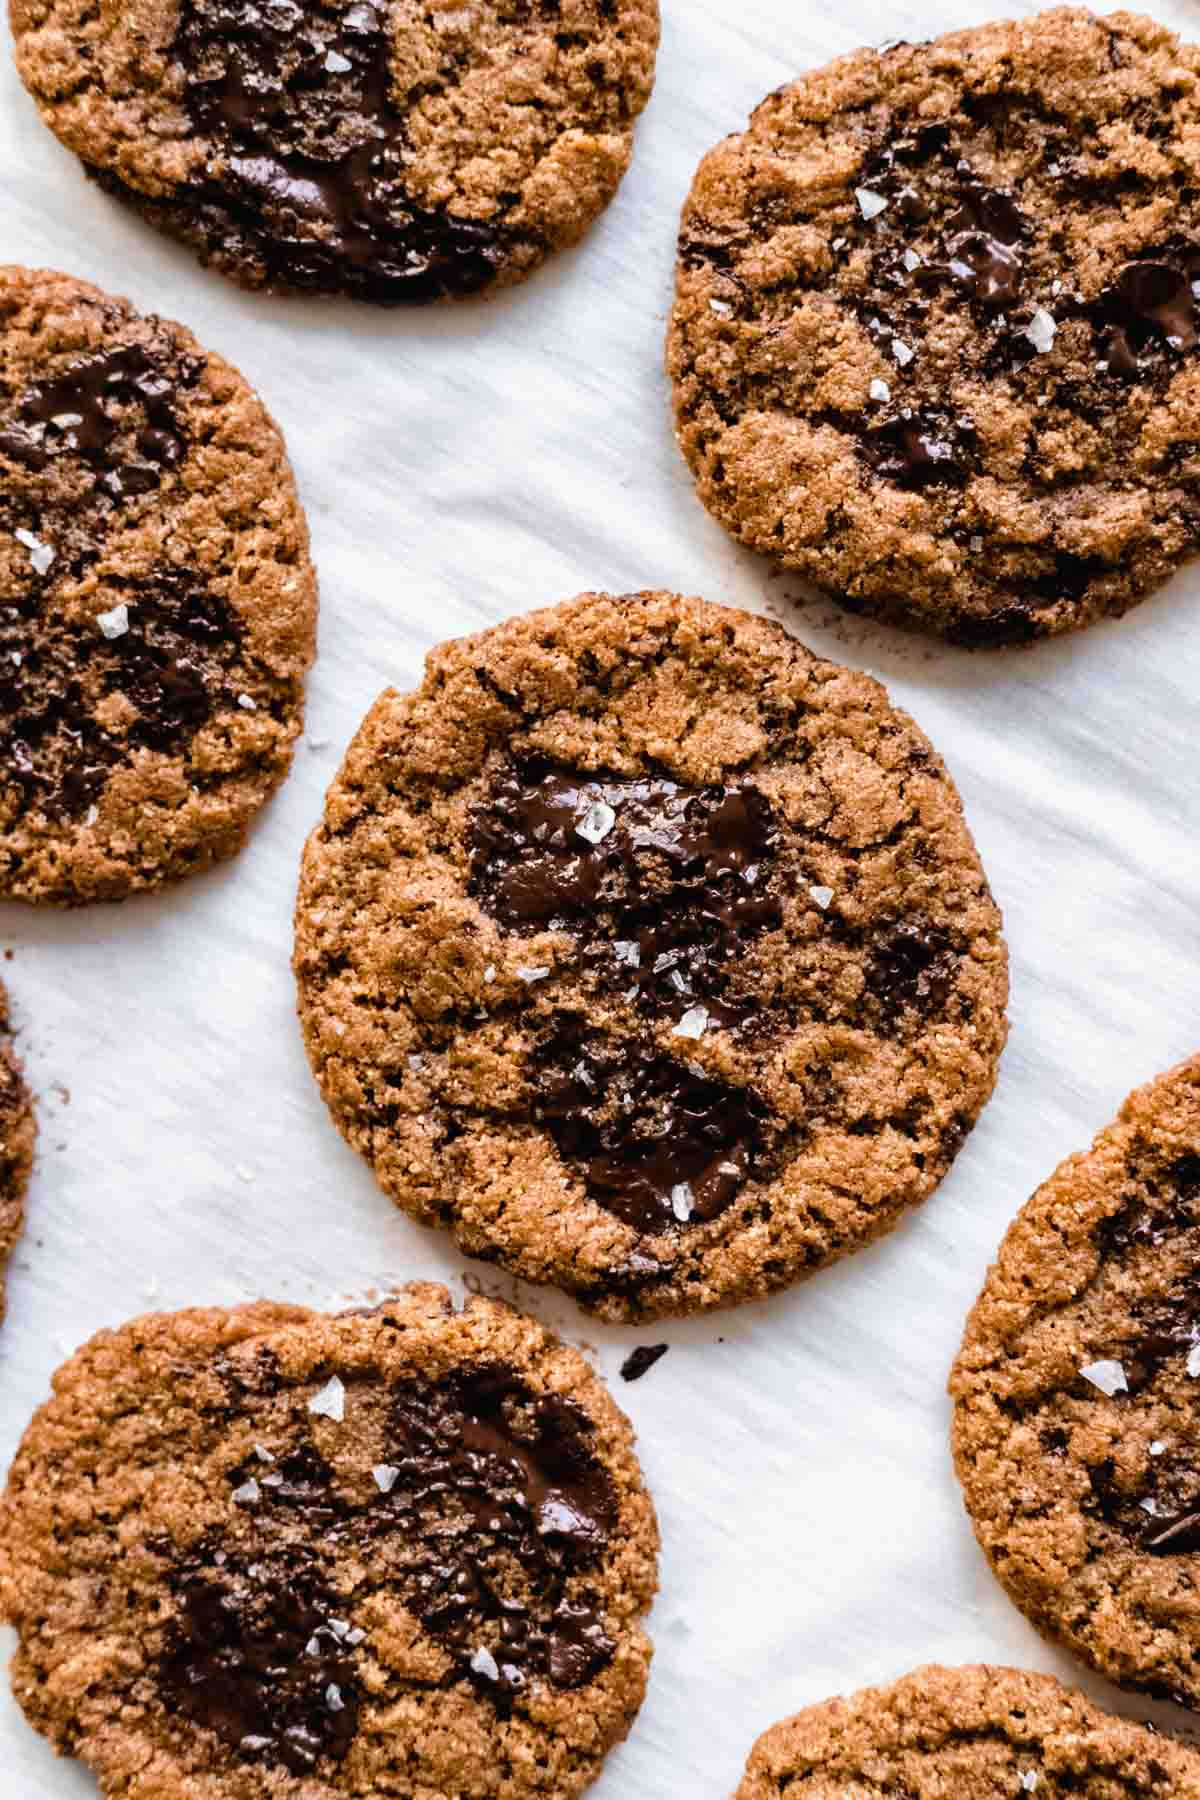 Flourless gluten-free almond butter chocolate chunk cookies